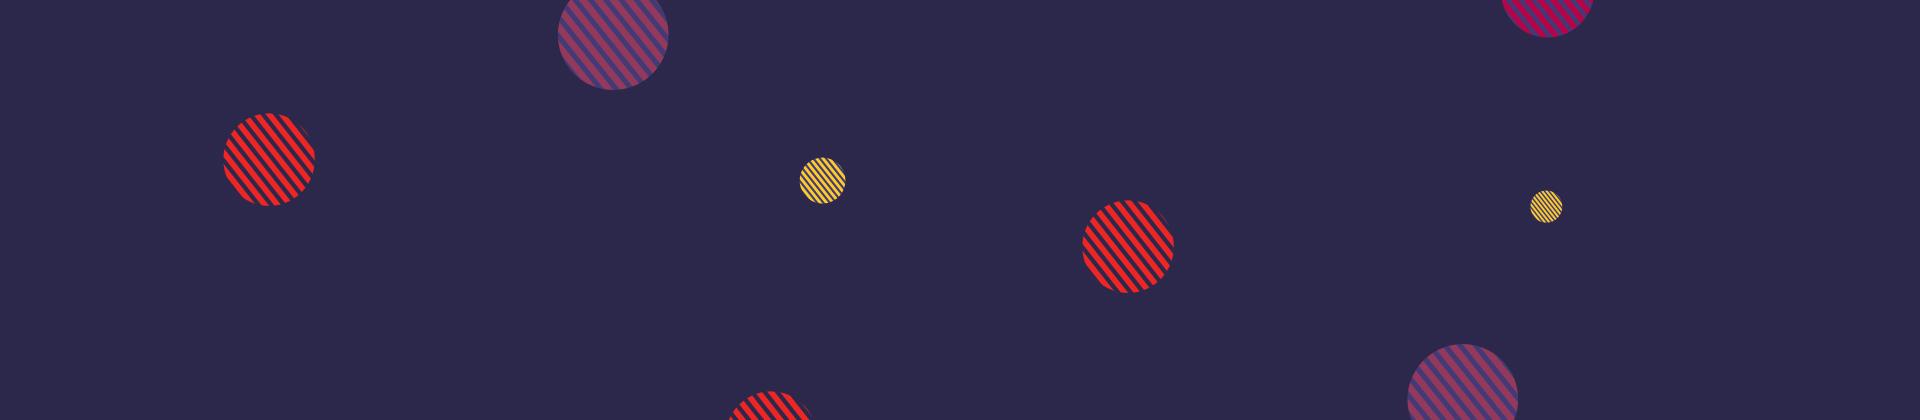 十大品牌墙布